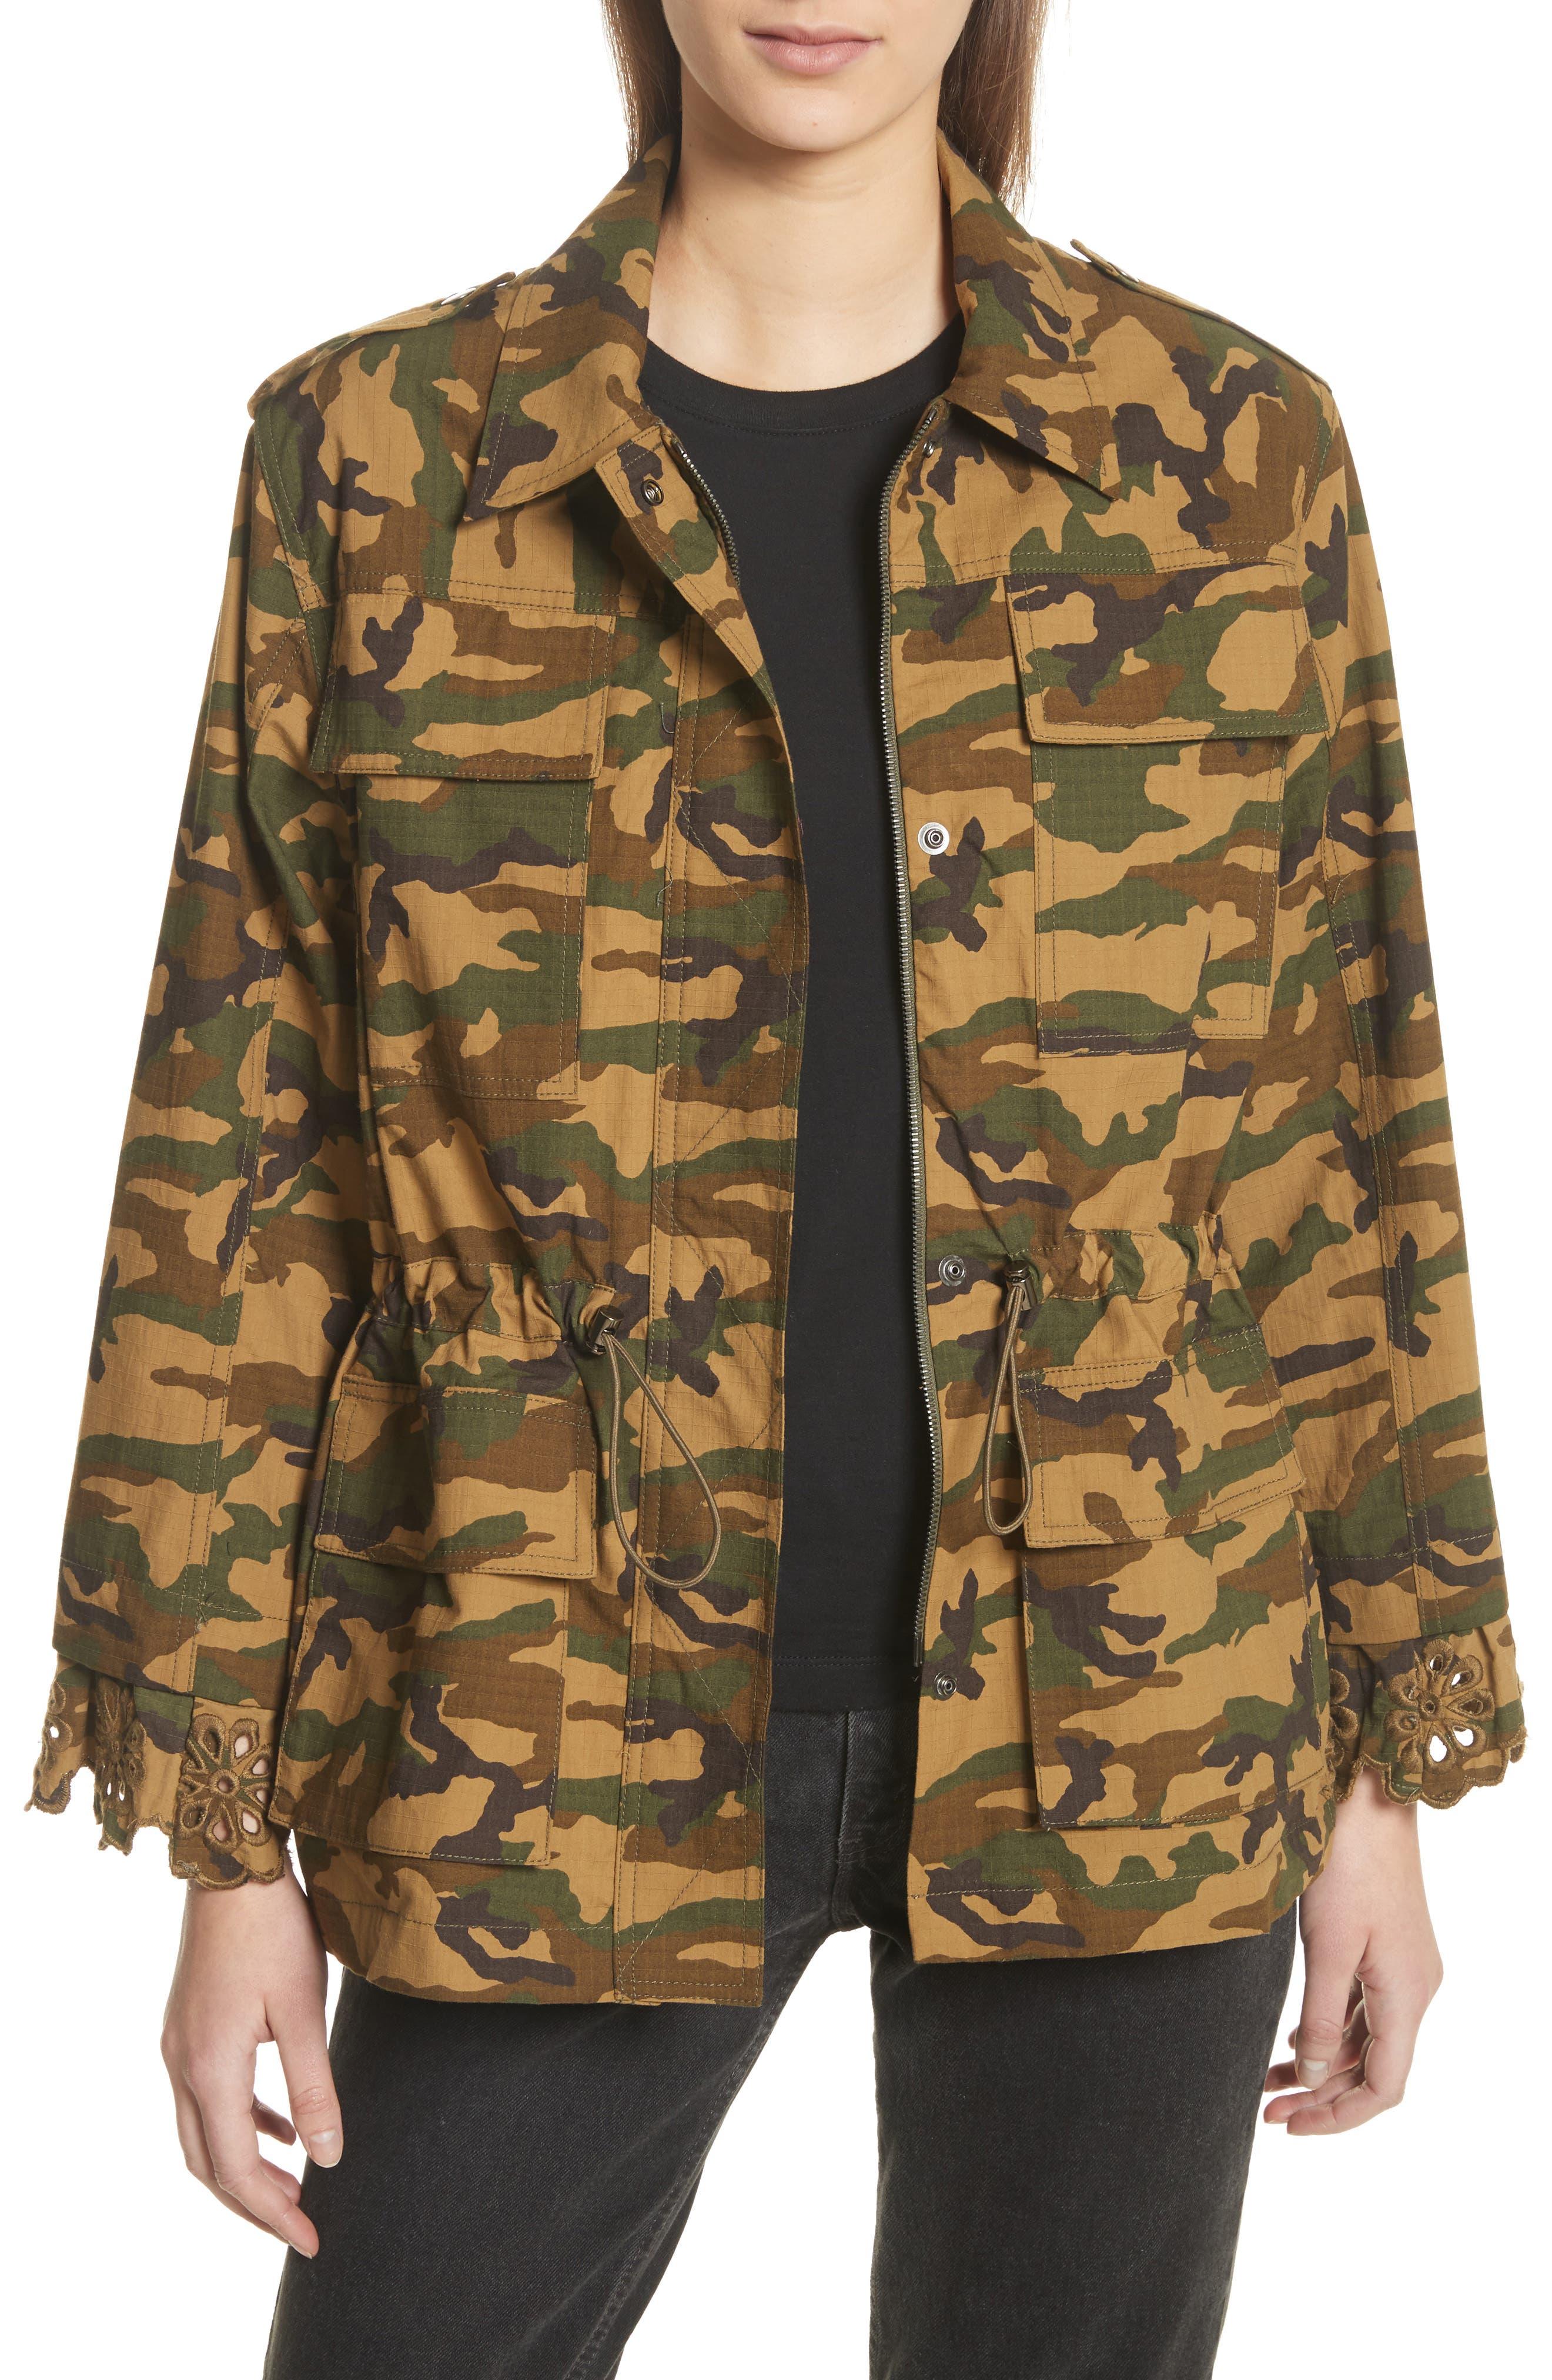 Sea Carina Camouflage Eyelet Cuff Jacket